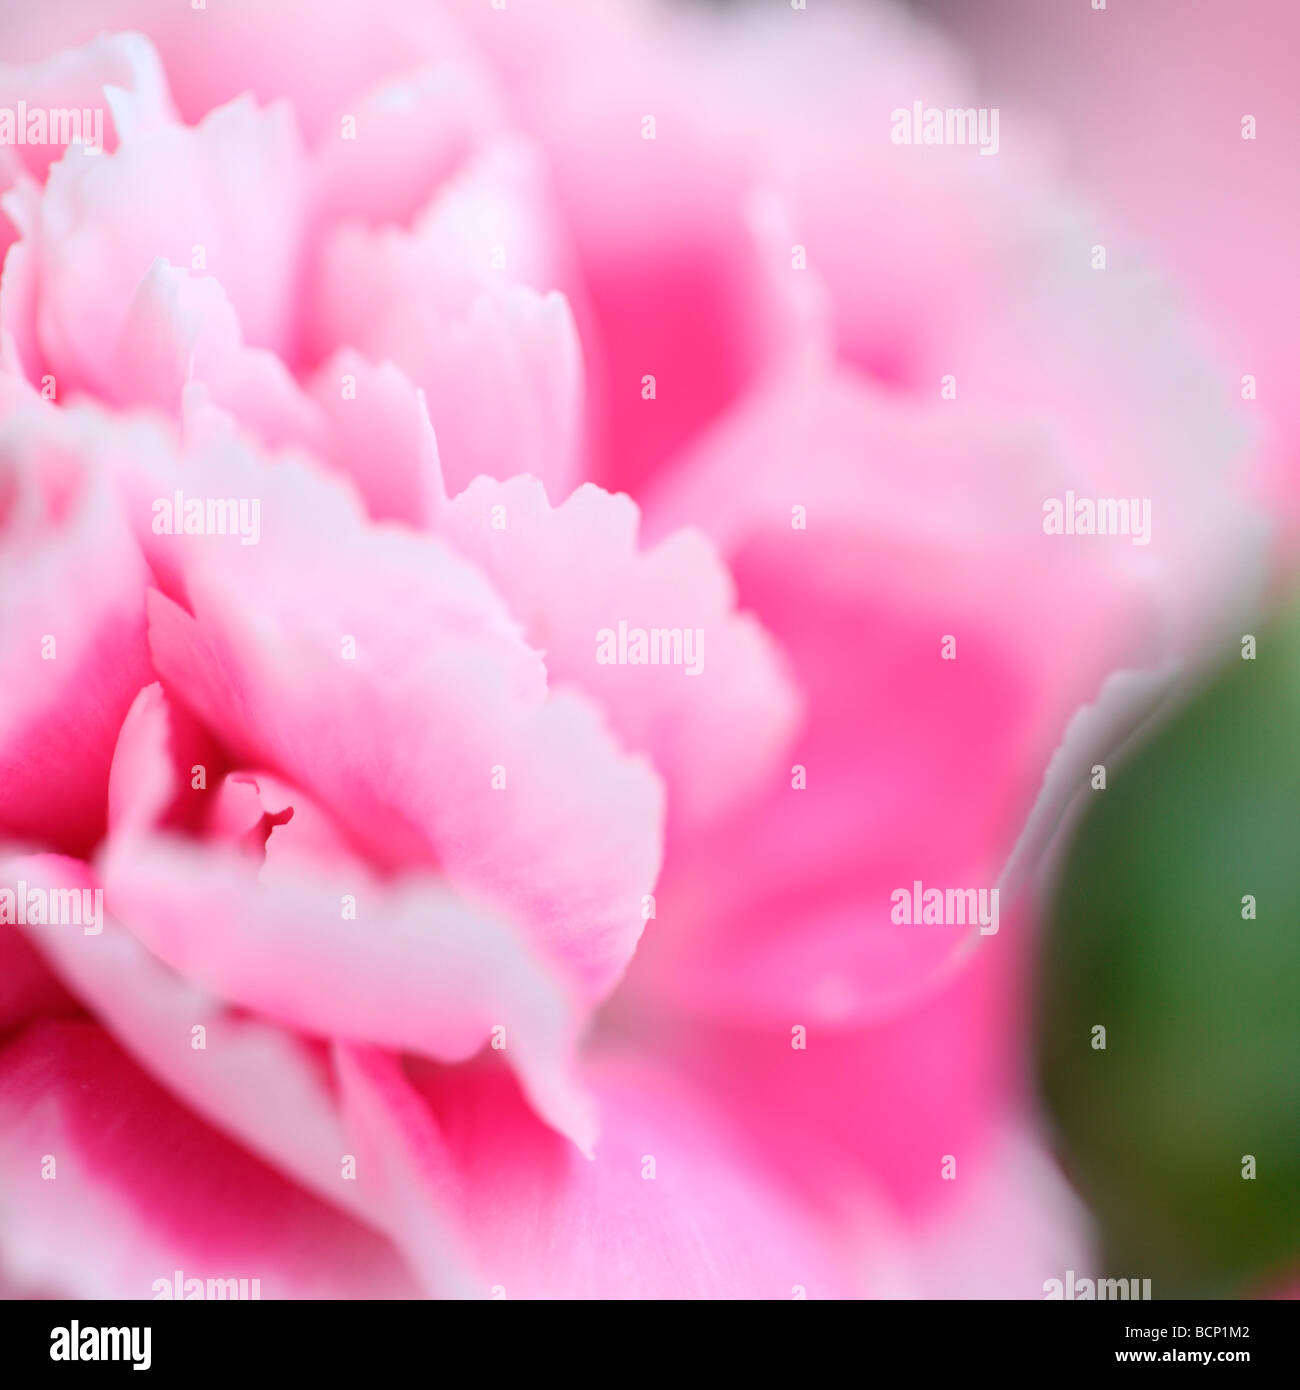 Imagen etérea de clavel y bud fotografía artística Jane Ann Butler Fotografía JABP377 Foto de stock